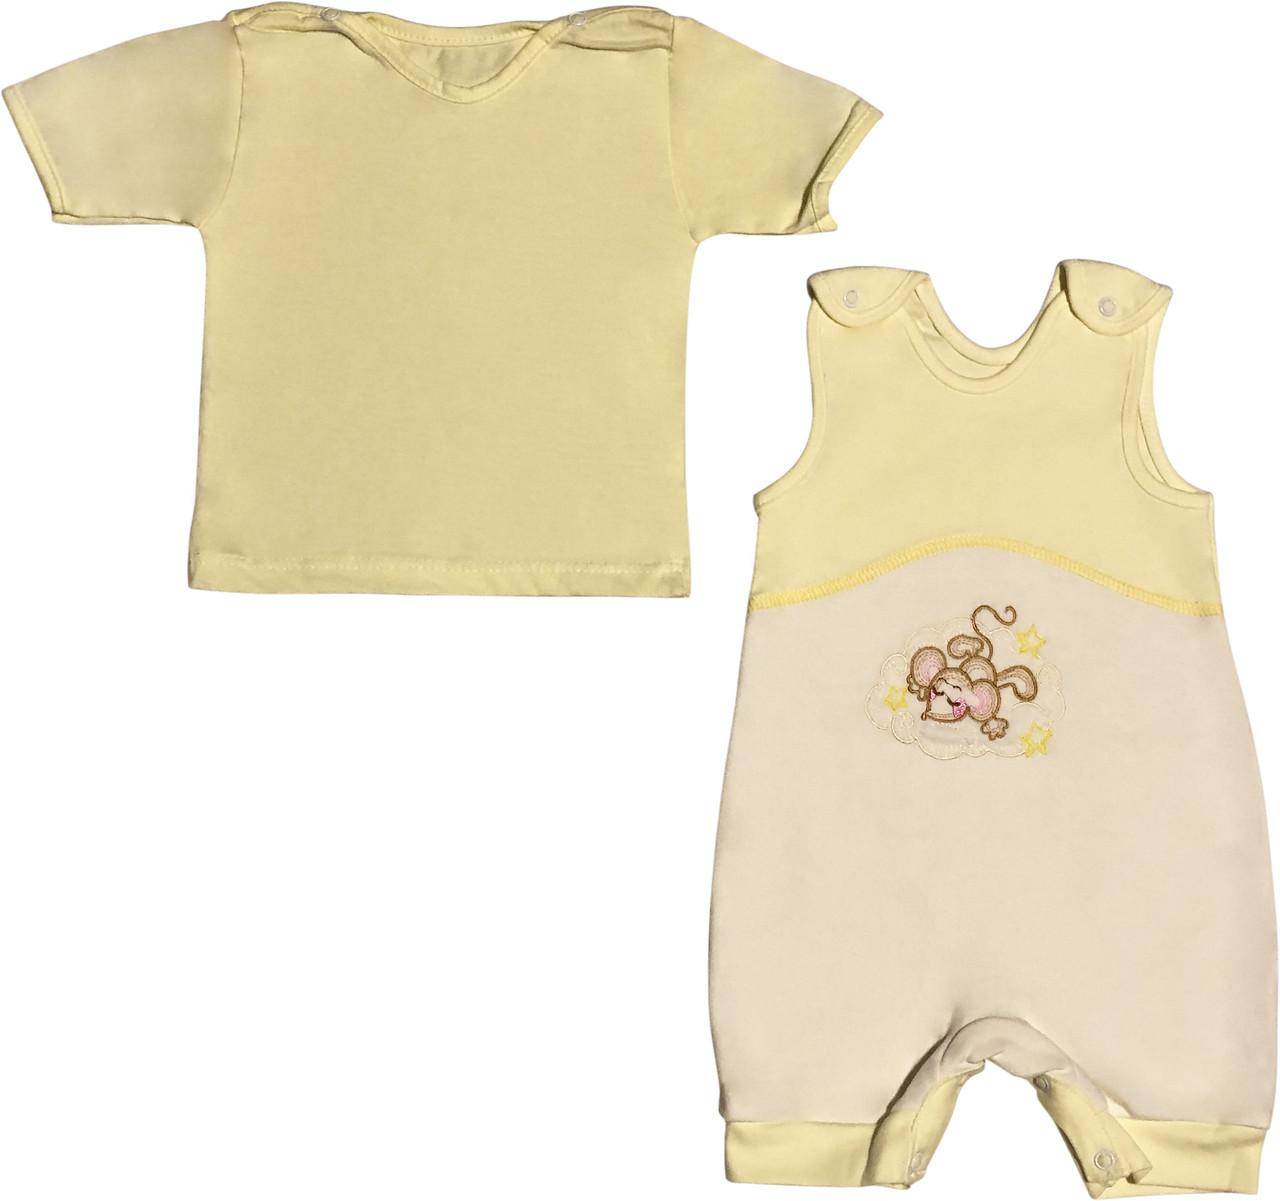 Літній костюм на хлопчика зростання 74 6-9 міс для новонароджених малюків комплект дитячий трикотажний літо жовтий